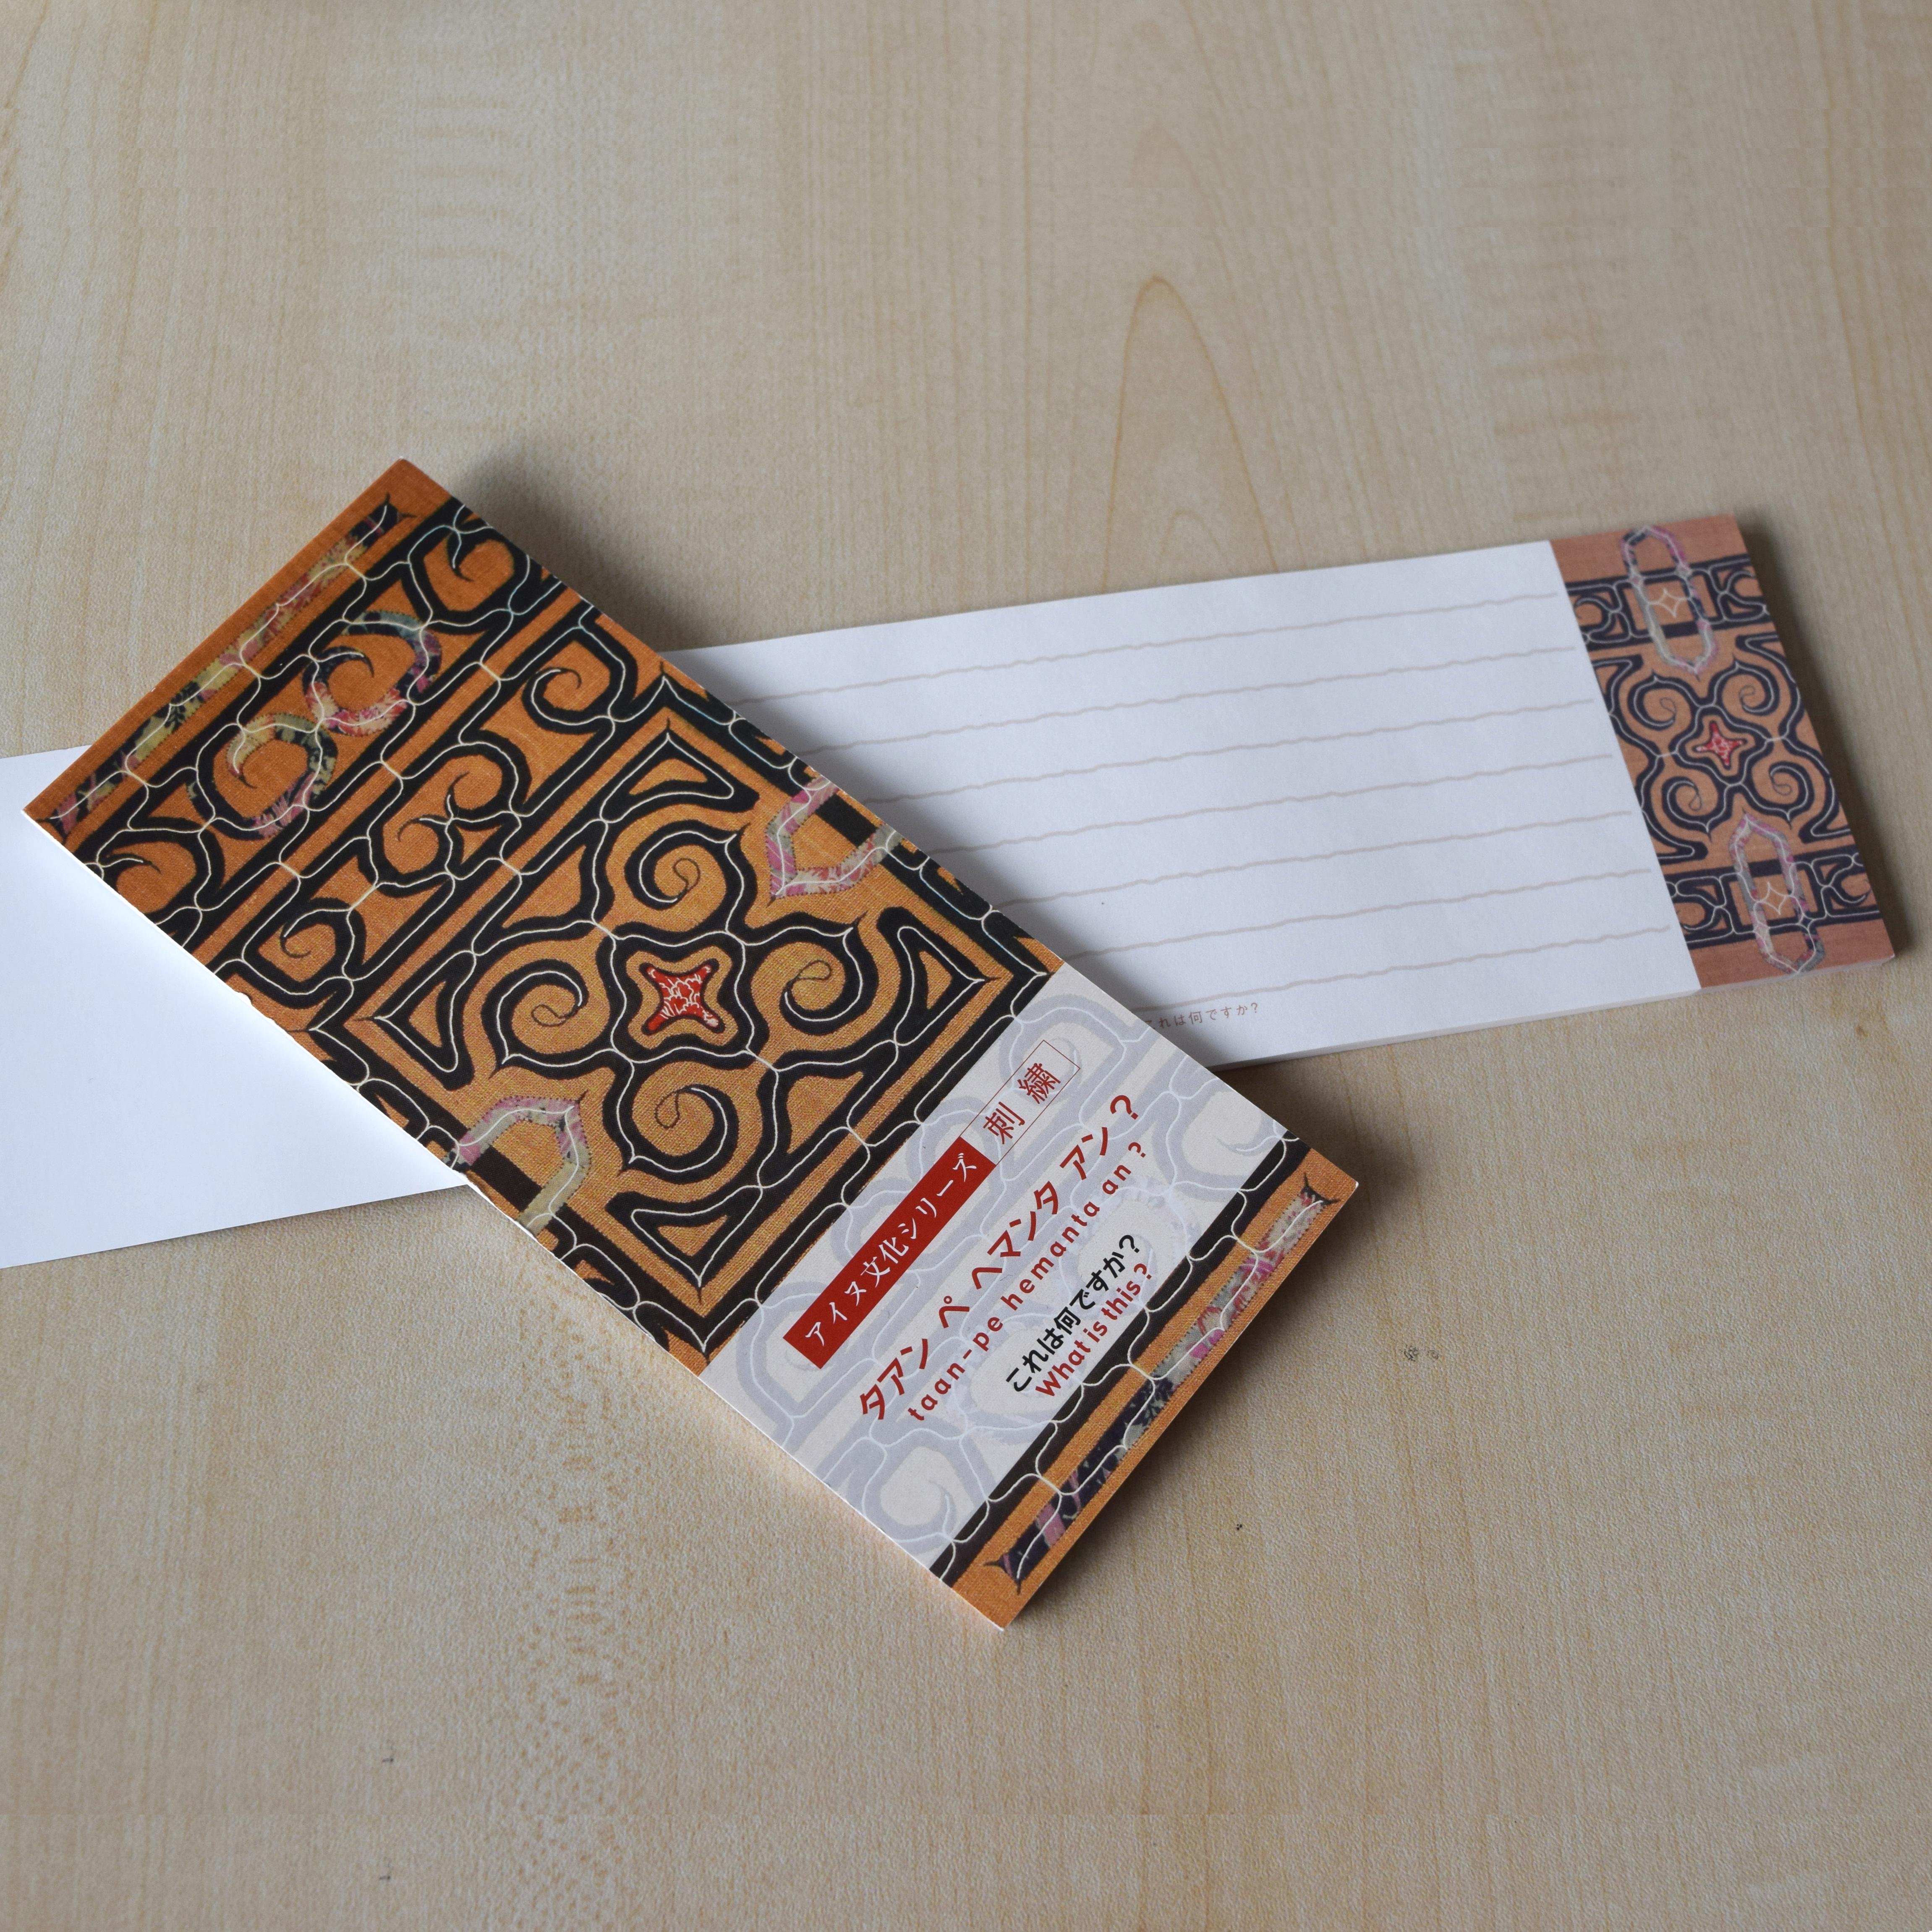 一筆箋(タアン)  Letter paper 【さっぽろアイヌクラフト】